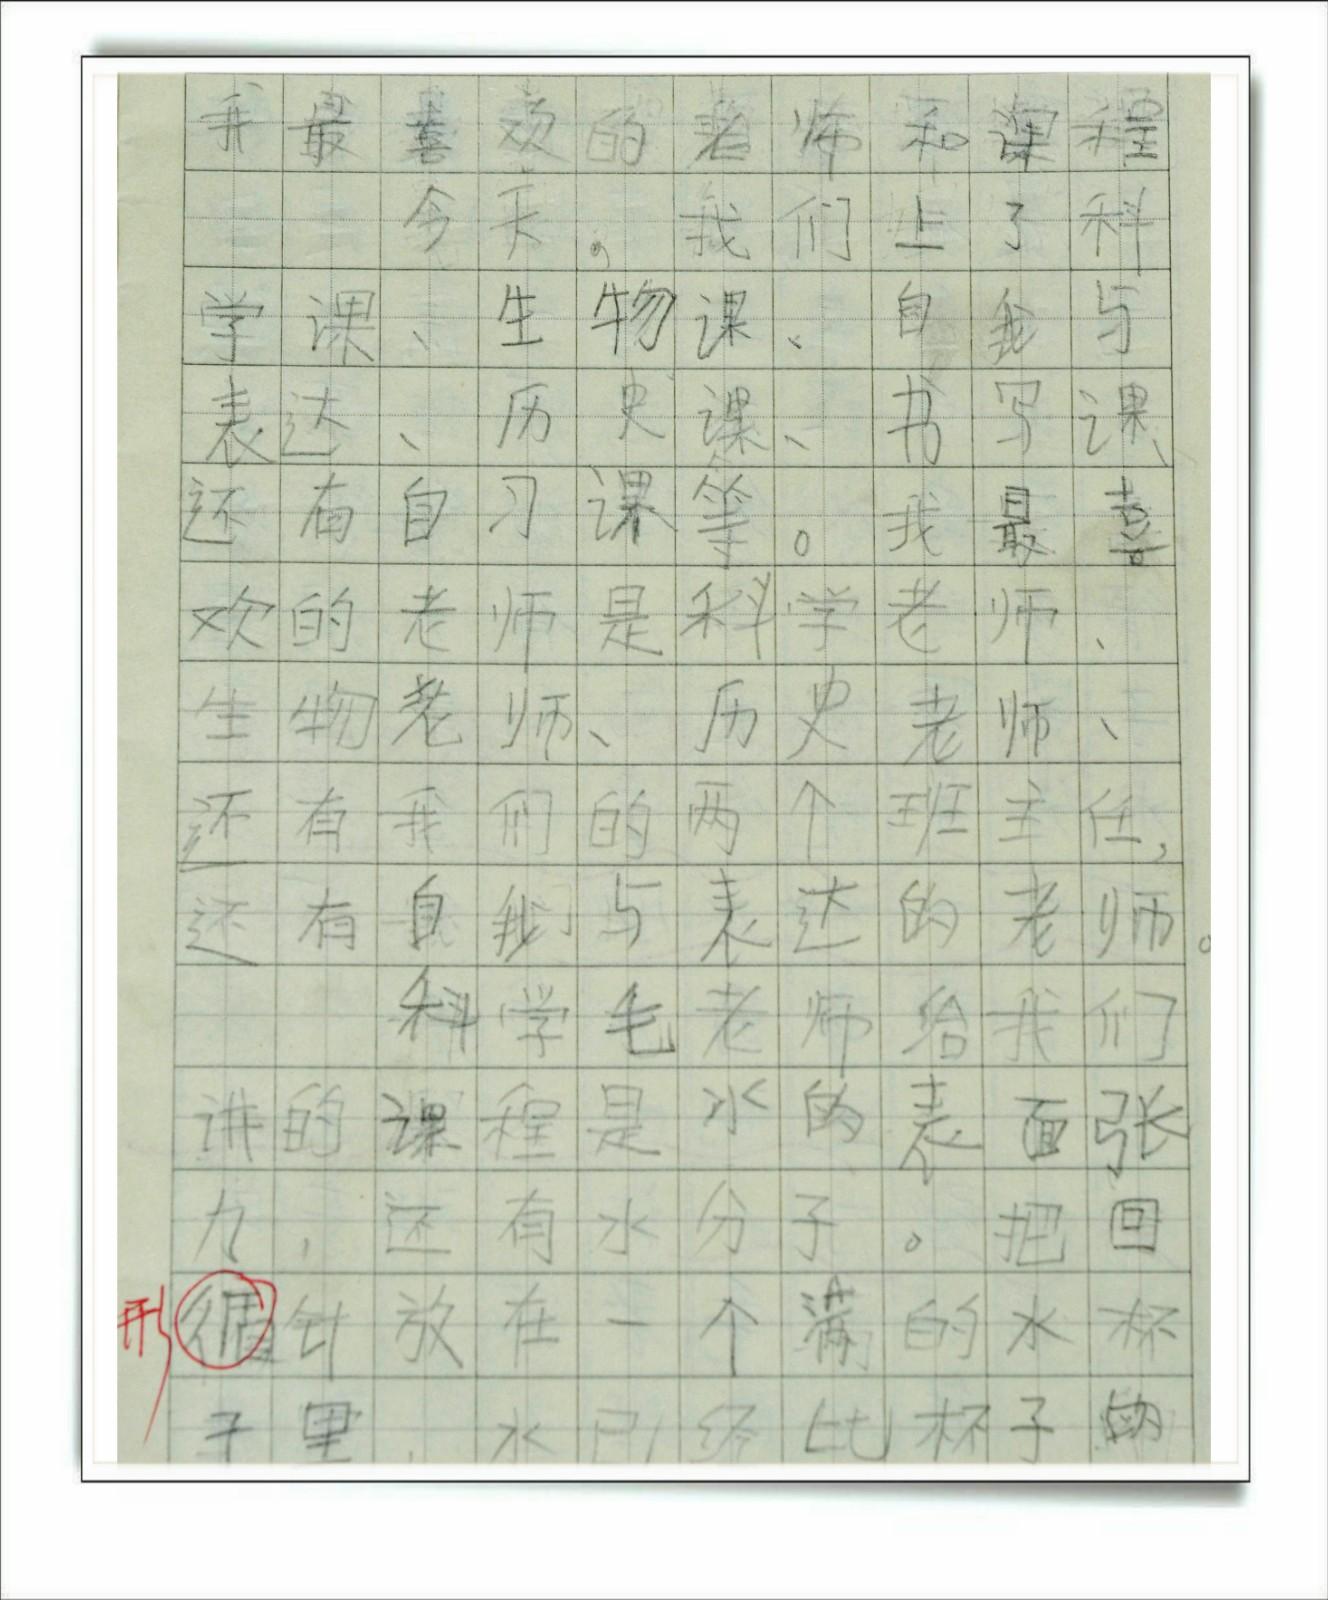 赞新学期孩子读二年级(七律)_图1-5